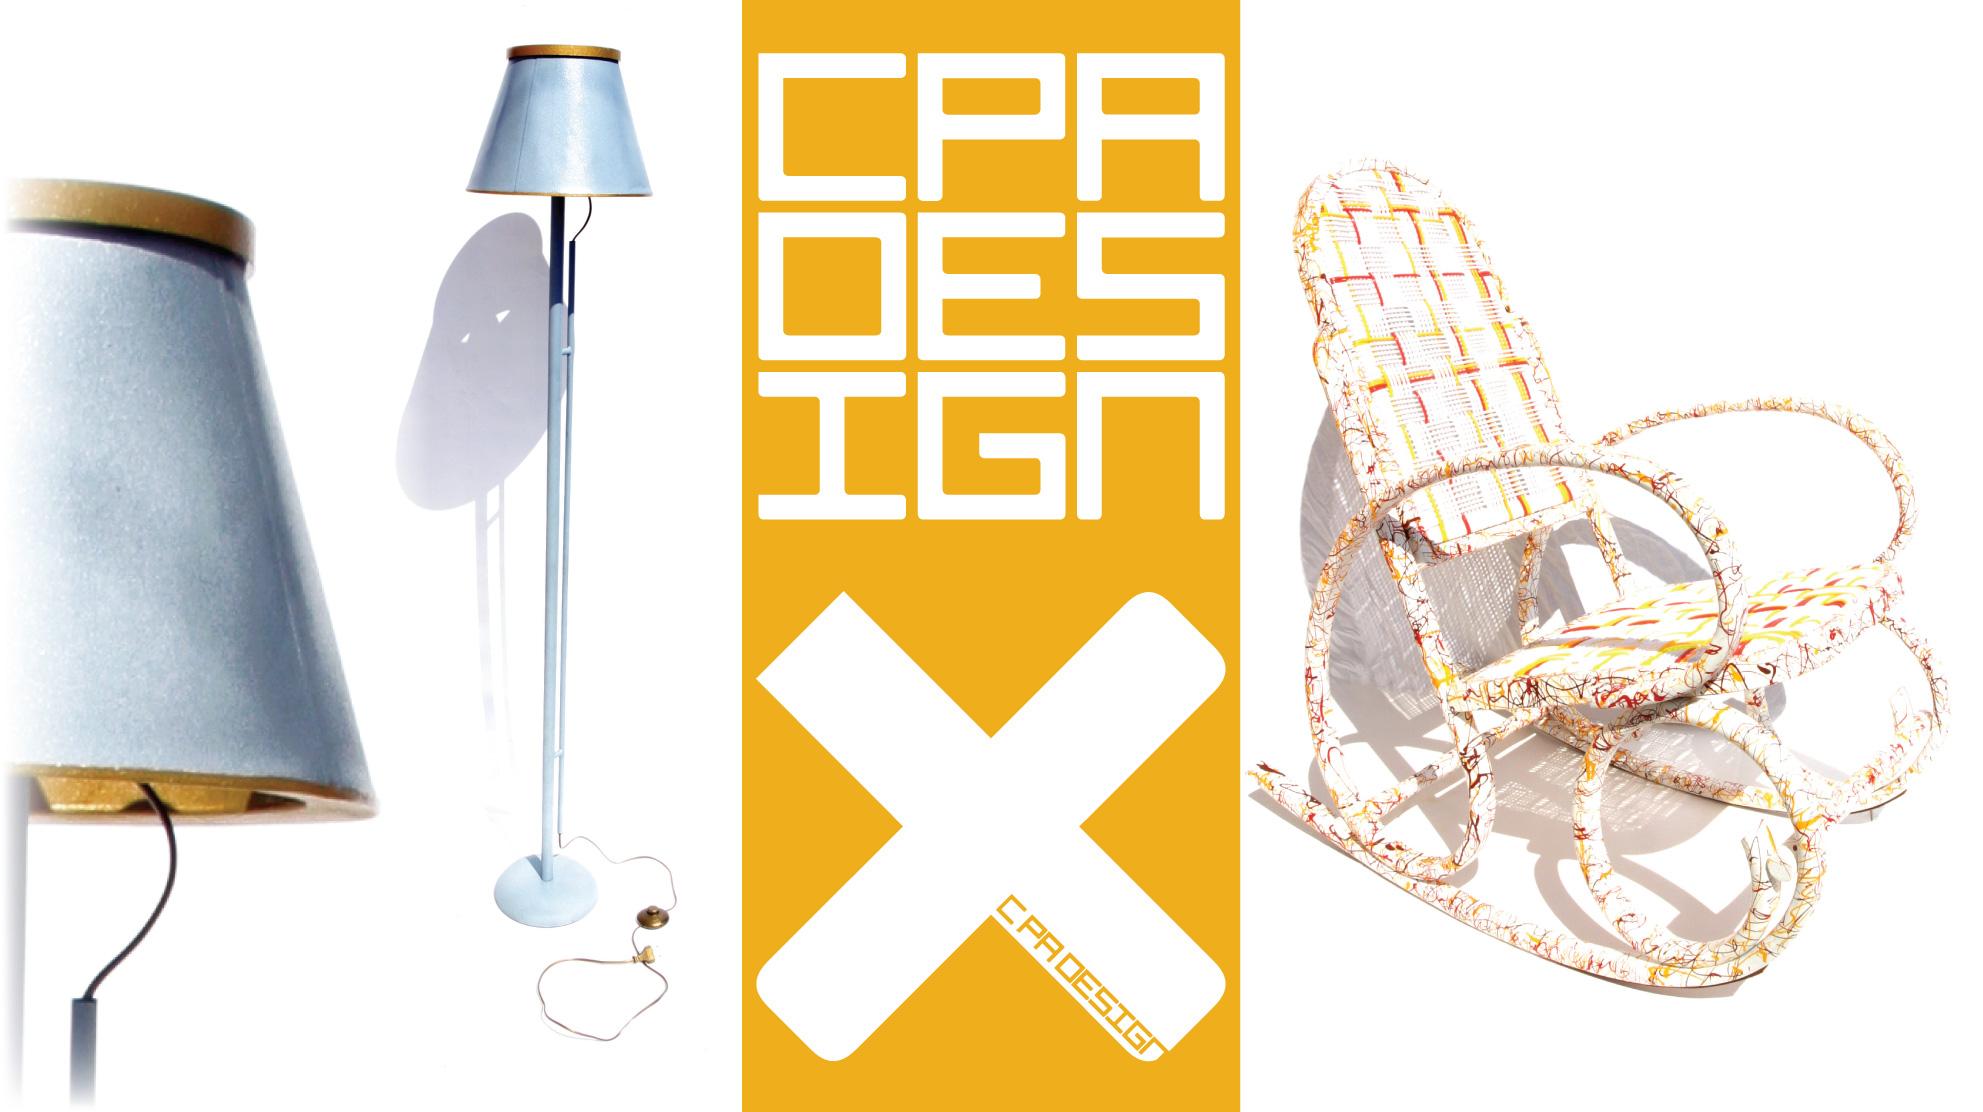 c_pa_design_produit_prototype-mobilier-lampe